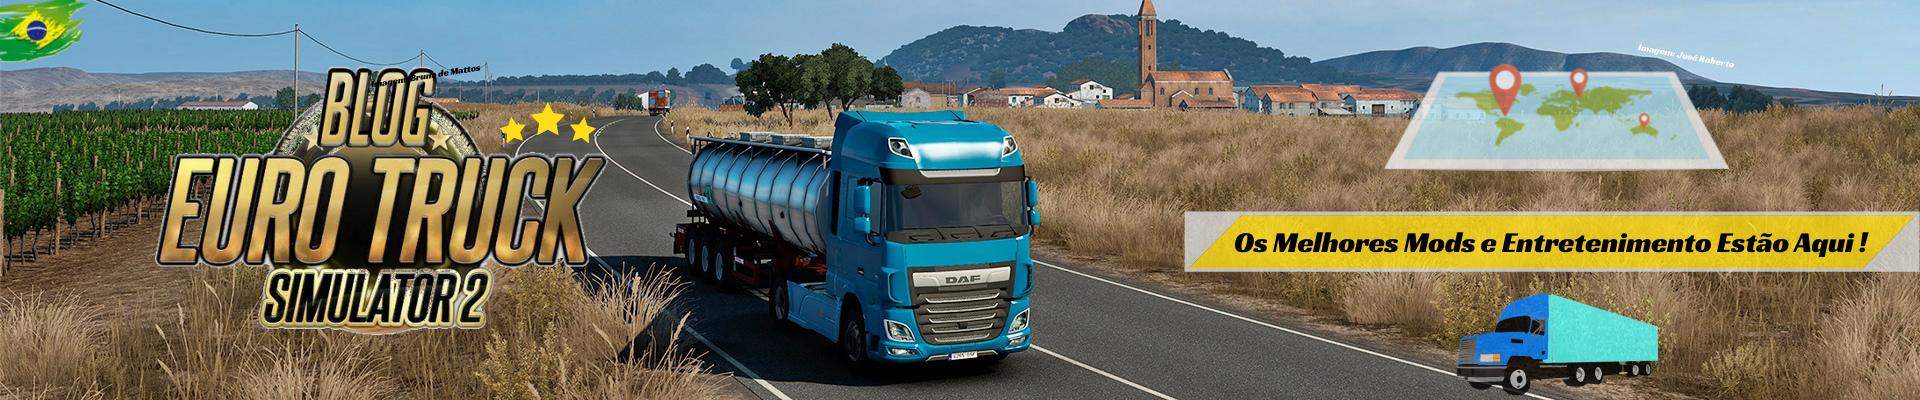 Blog Euro Truck 2 - Mods ETS2, Mods Euro Truck Simulator 2 e Muito Mais